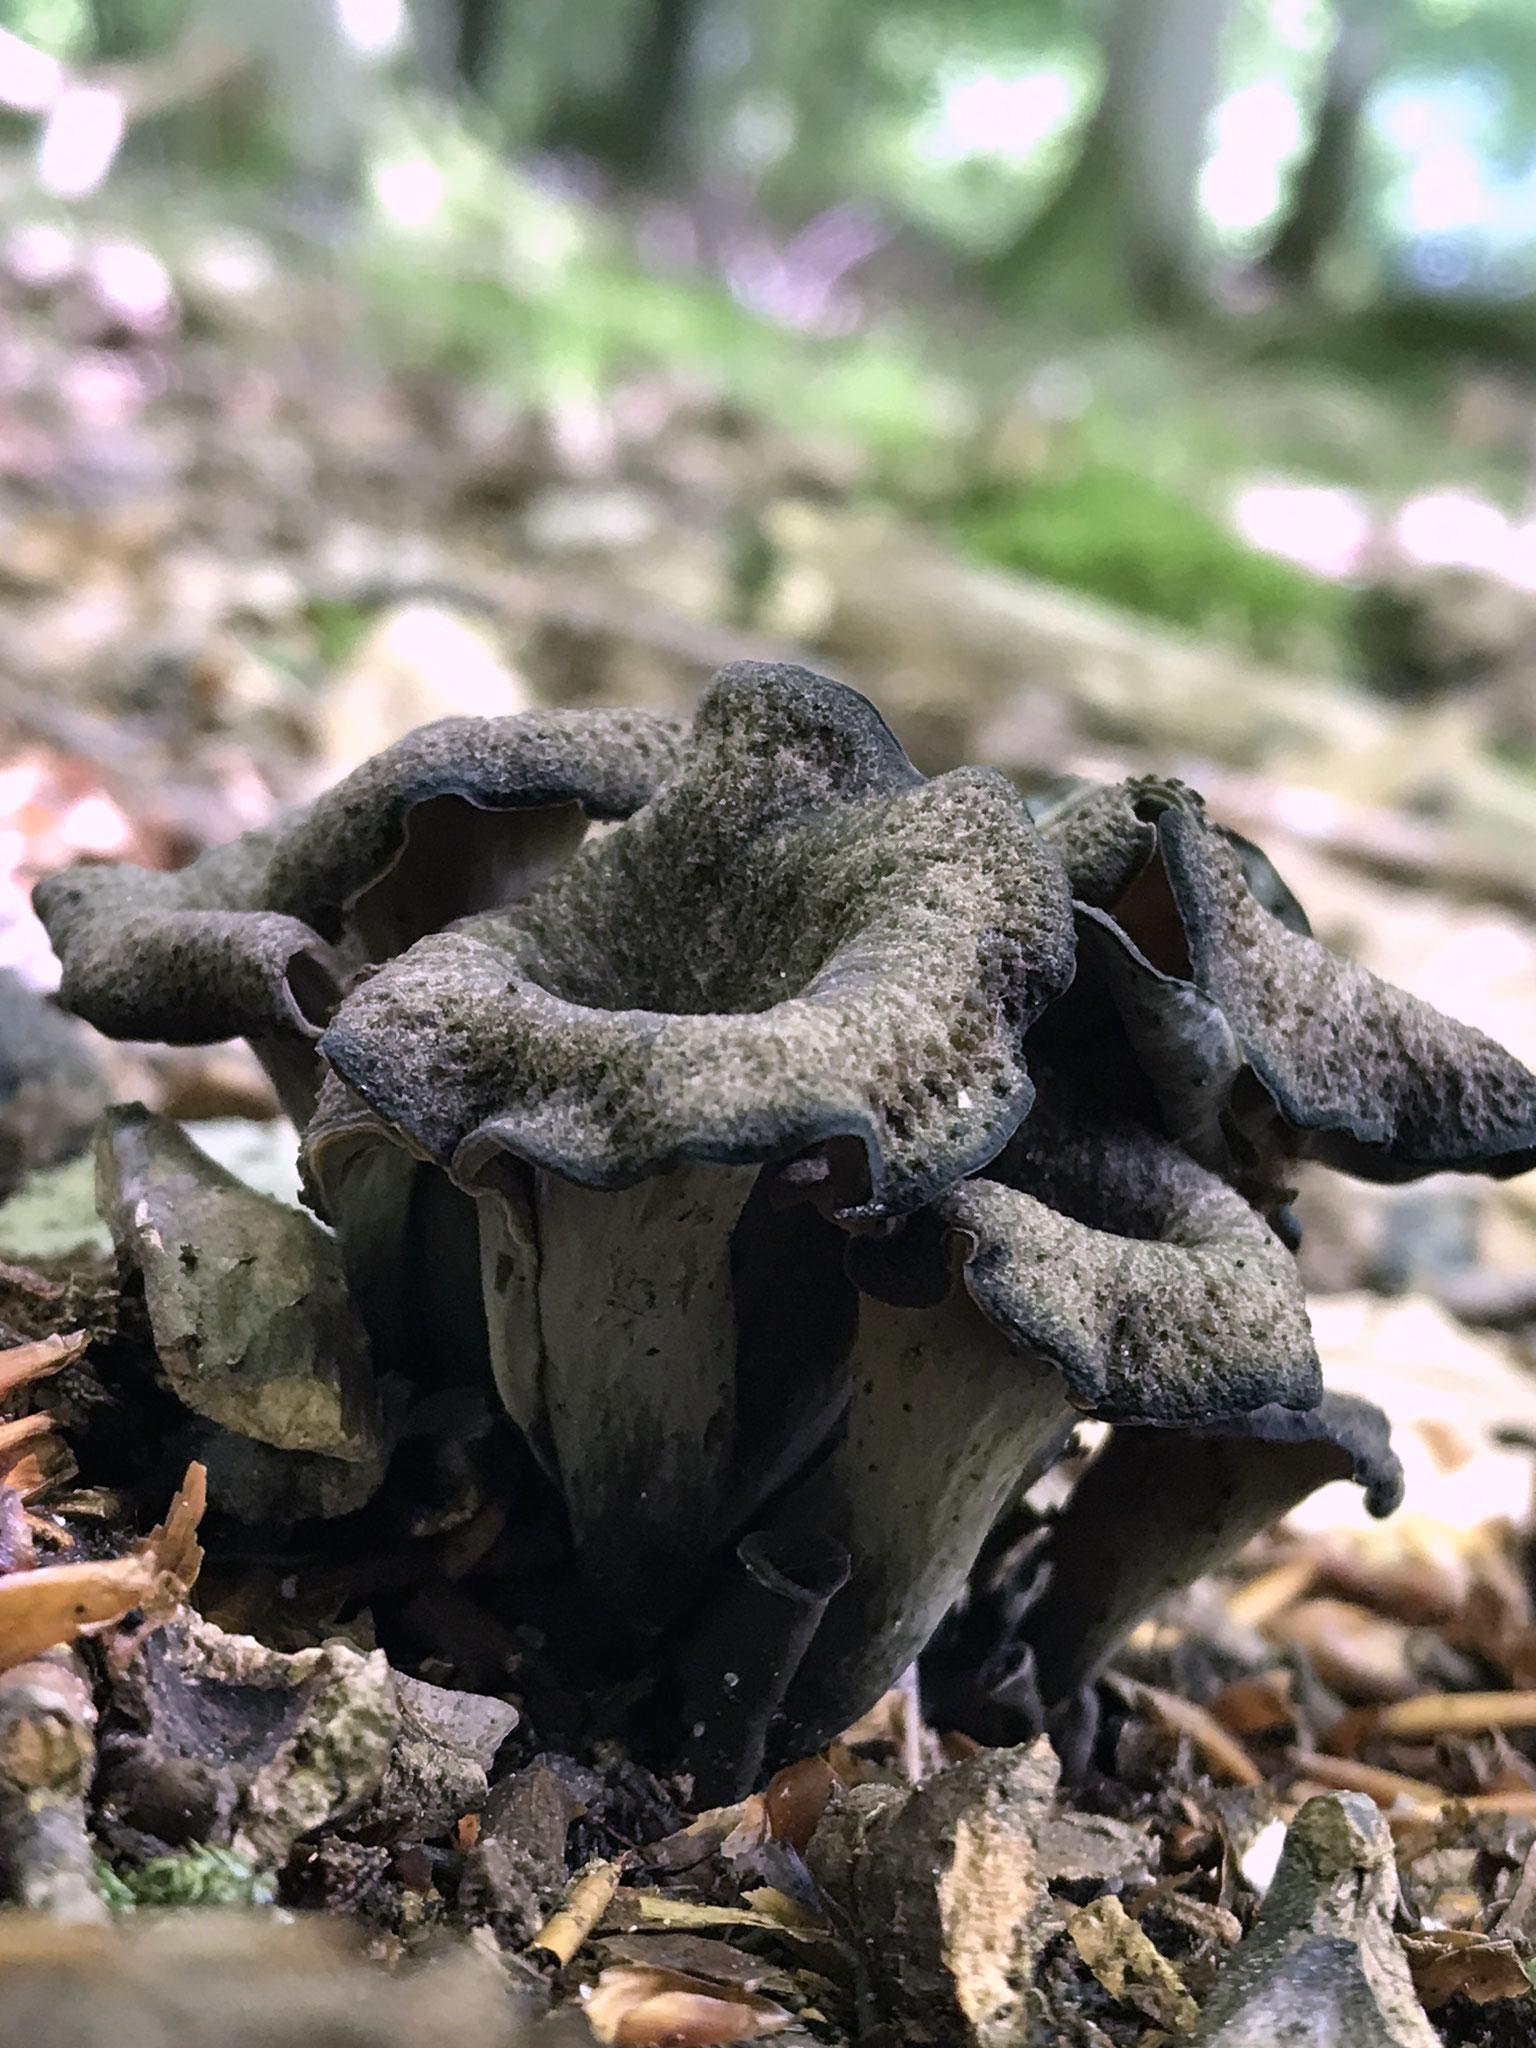 Herbst Trompete (Craterellus cornucopioides)